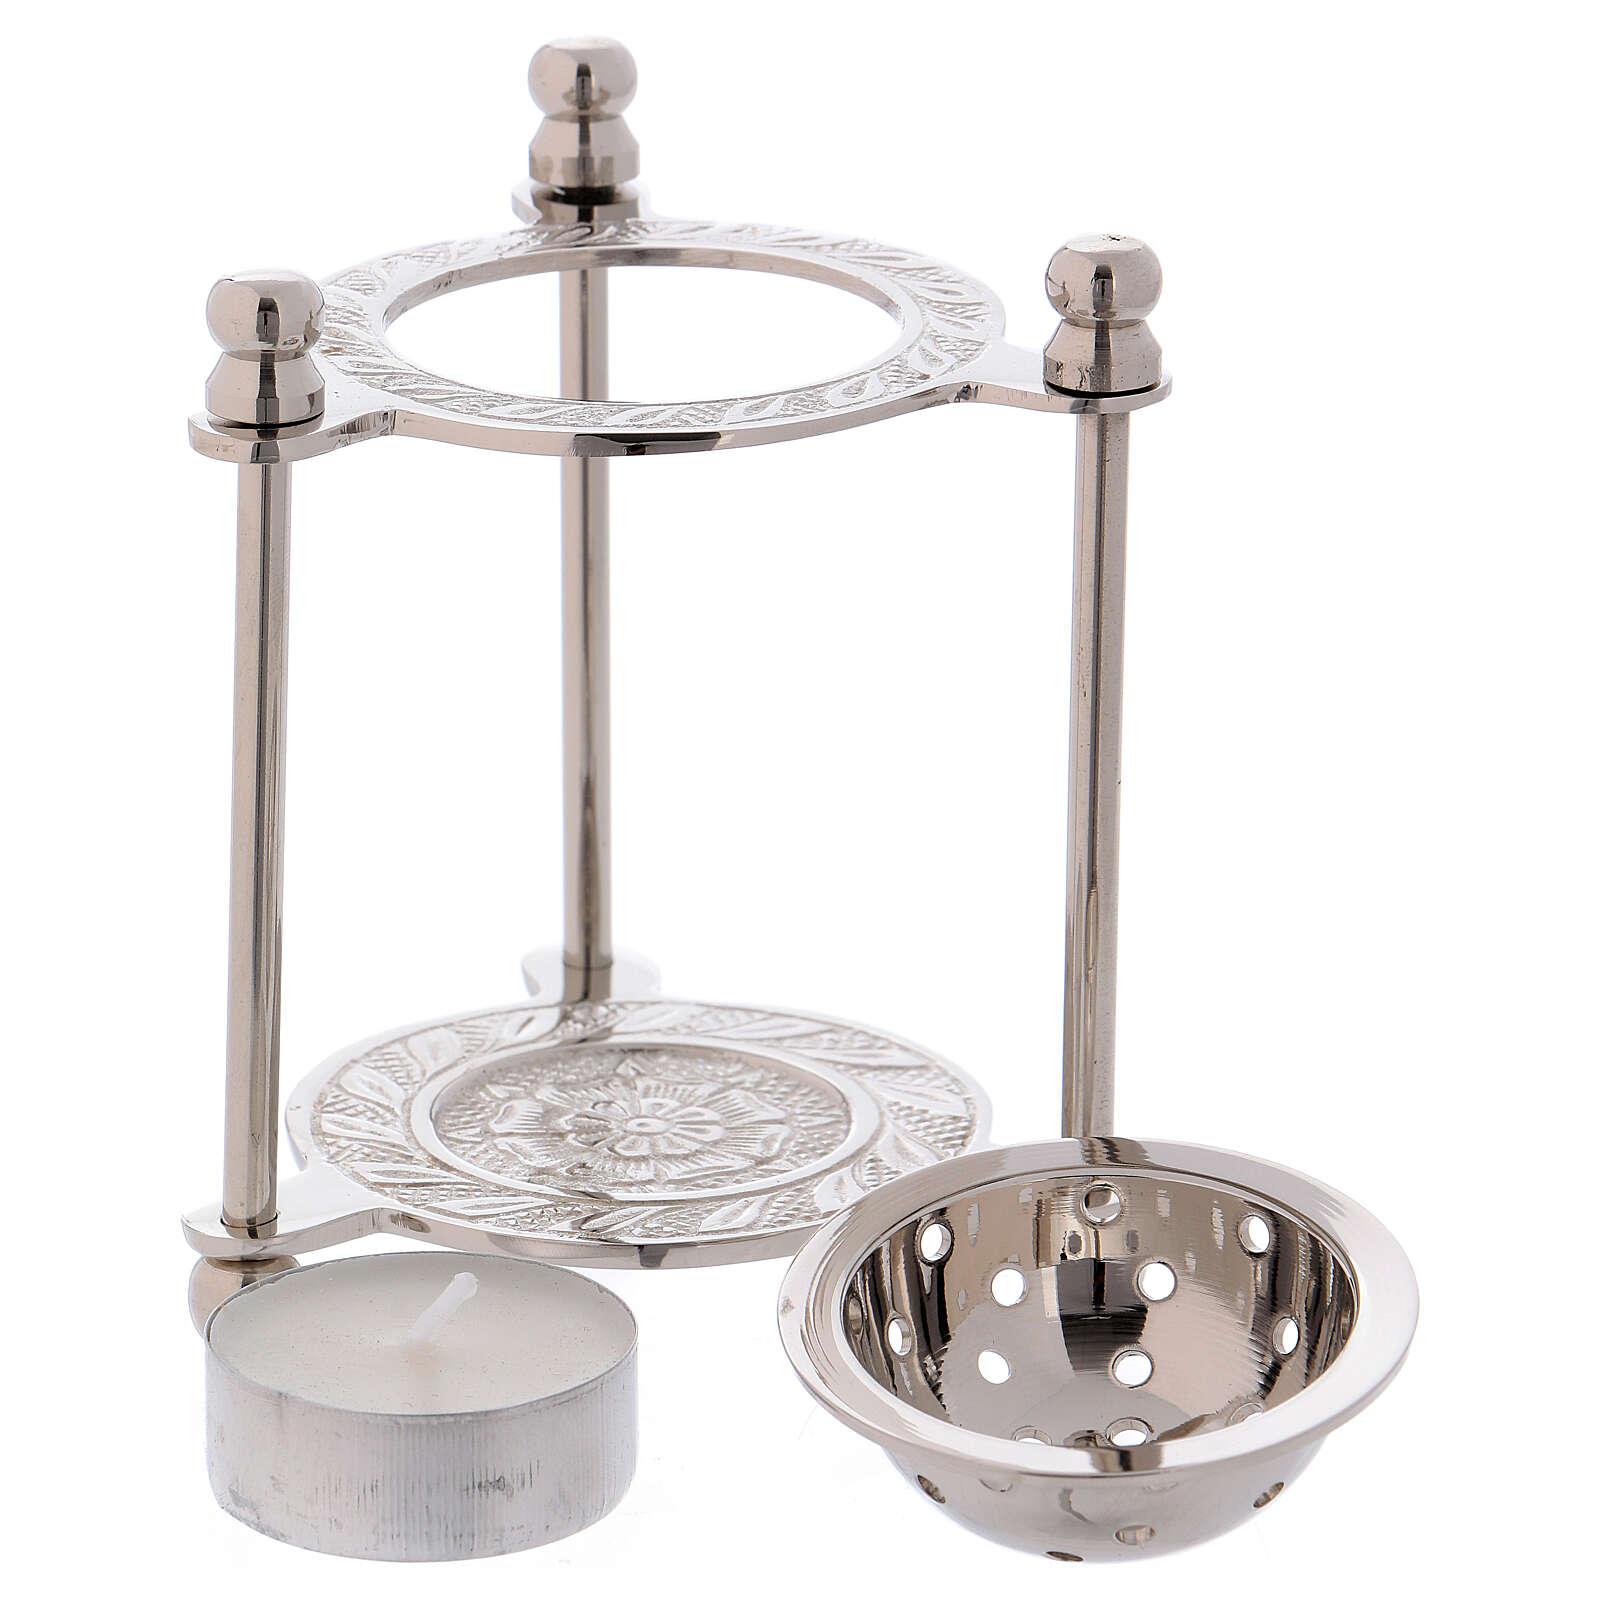 Incense burner in nickel-plated brass h 4 in 3